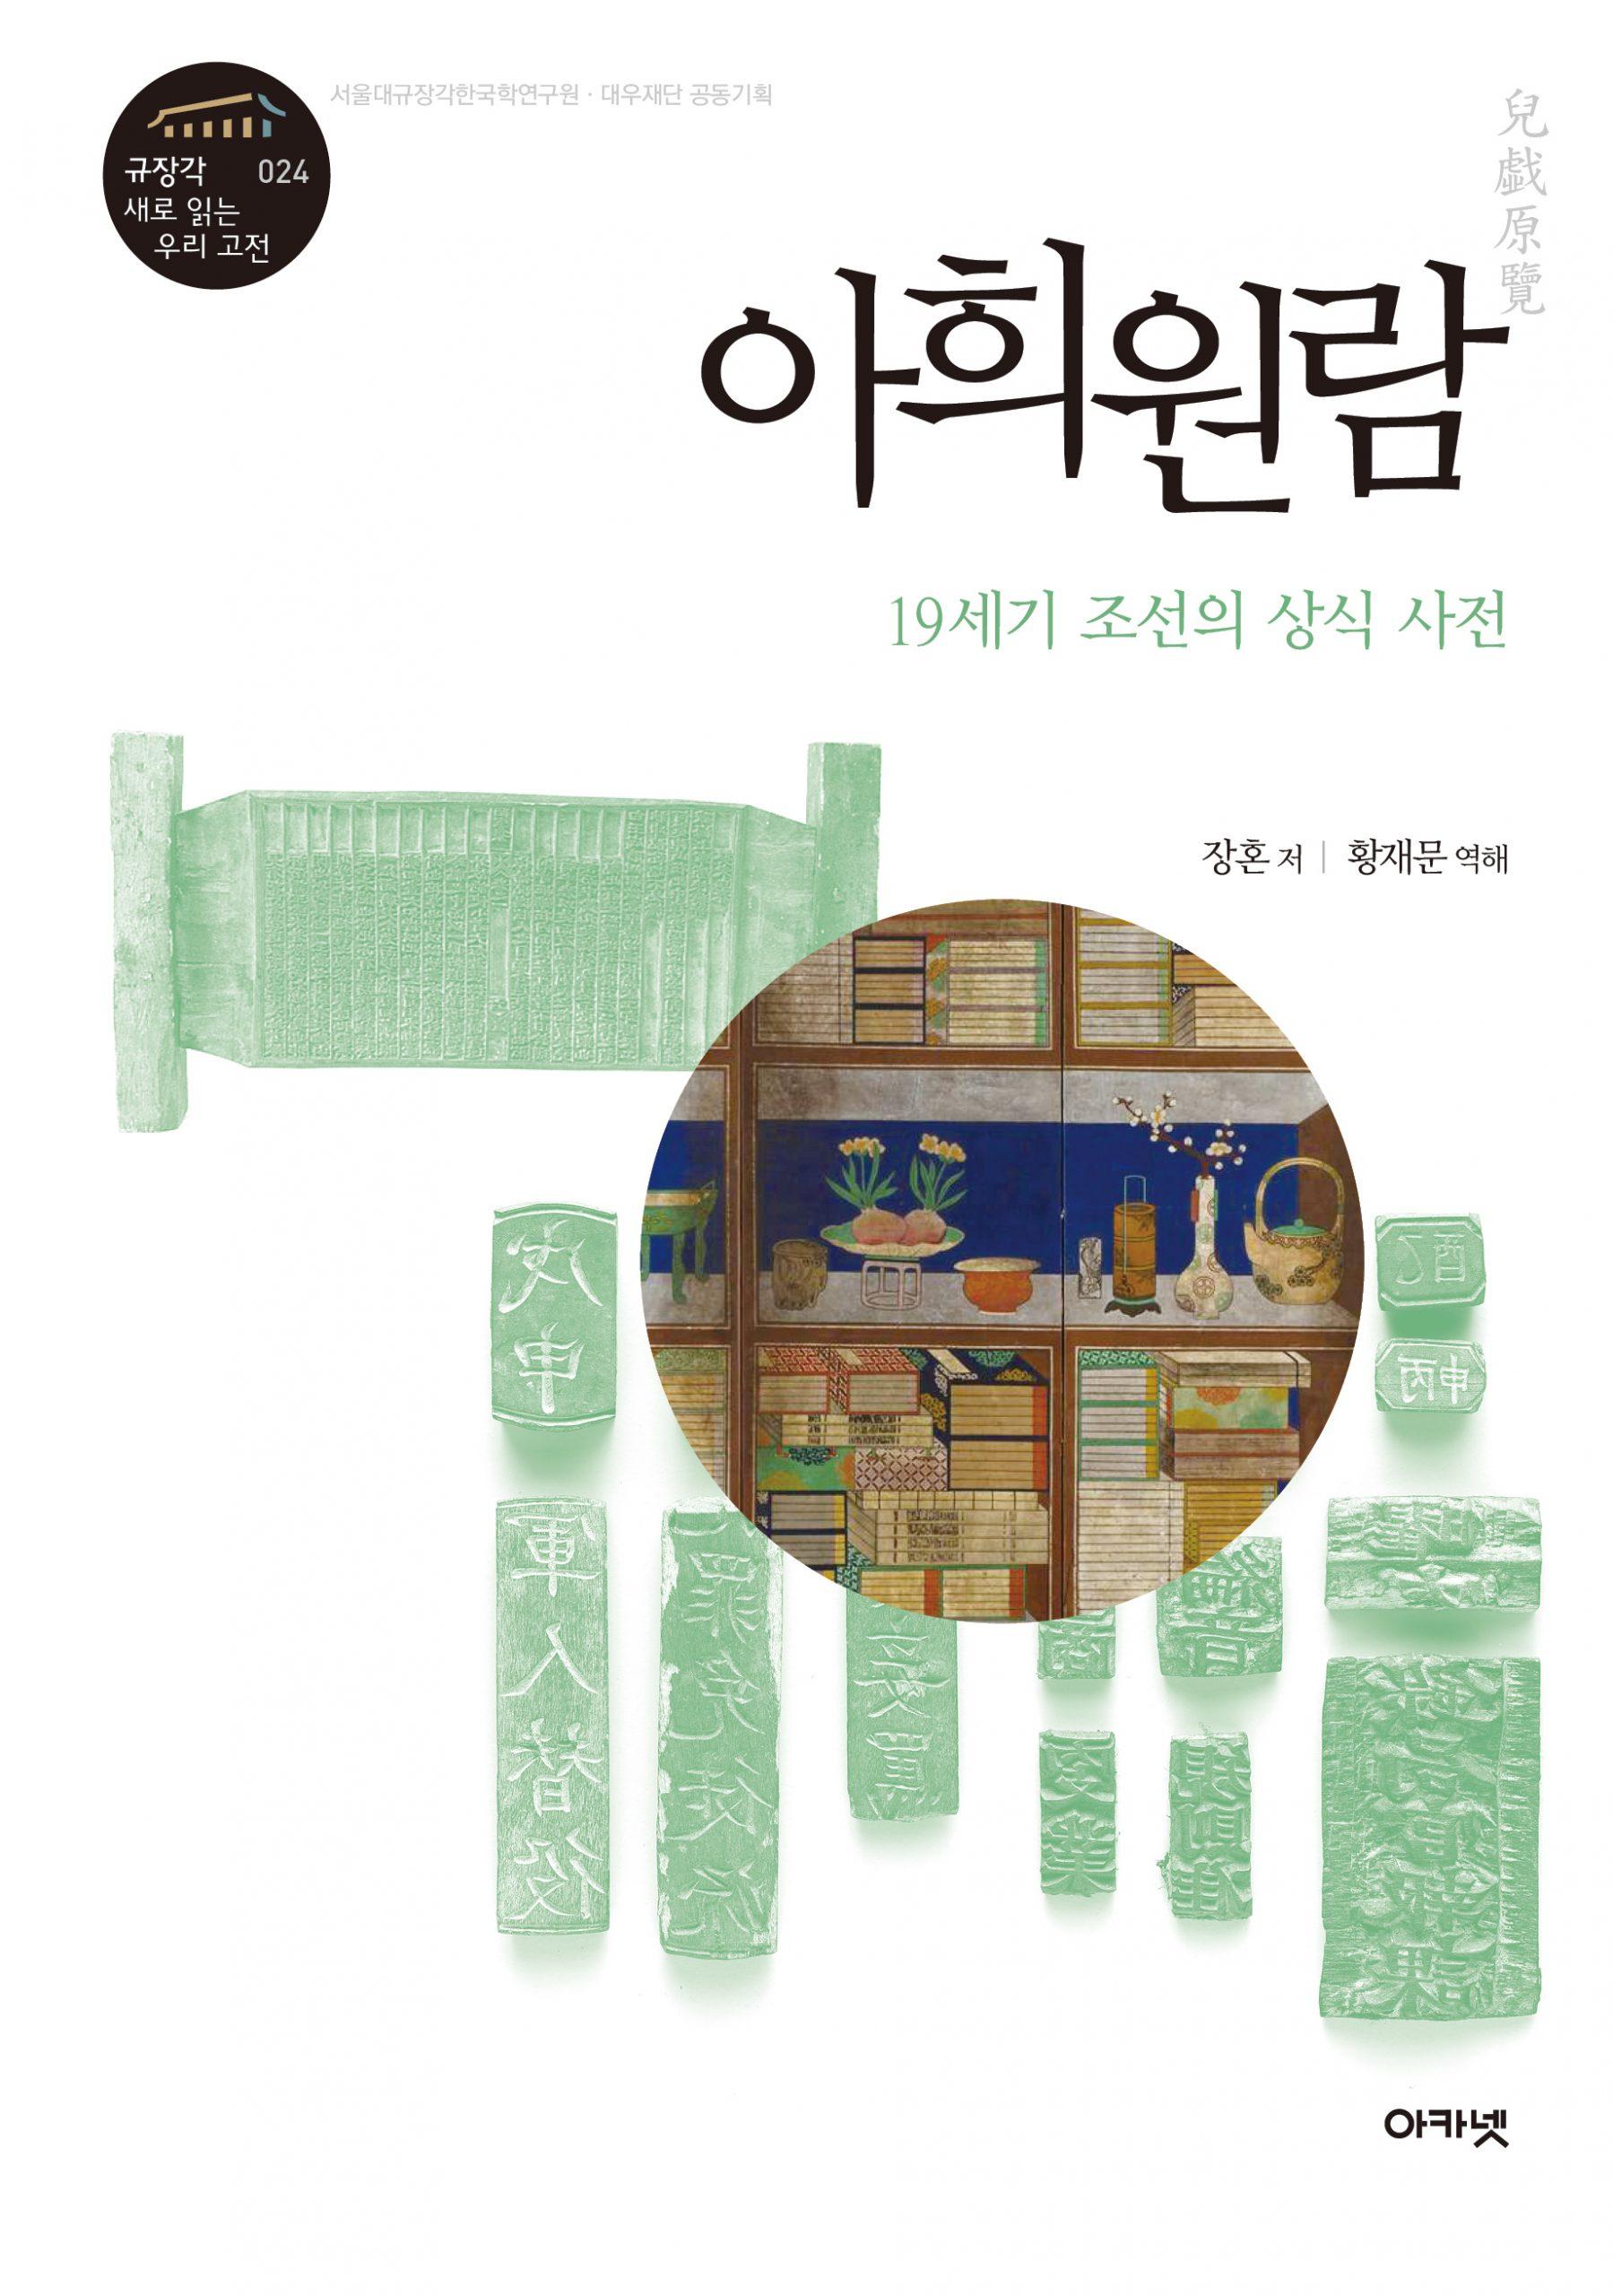 대우재단 규장각 새로읽는우리고전 제24권 아희원람 written by 황재문 and published by 아카넷 in 2020